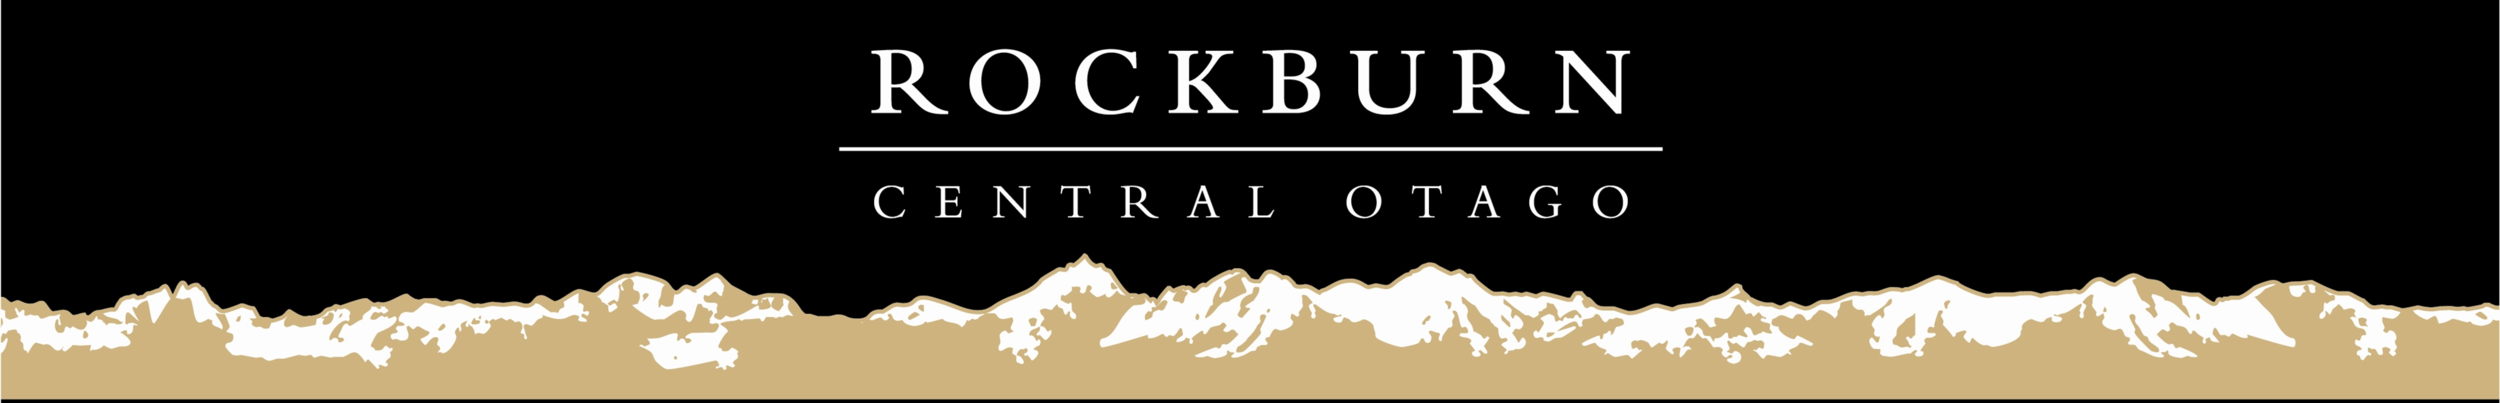 Rockburn Logo Black and Gold.png